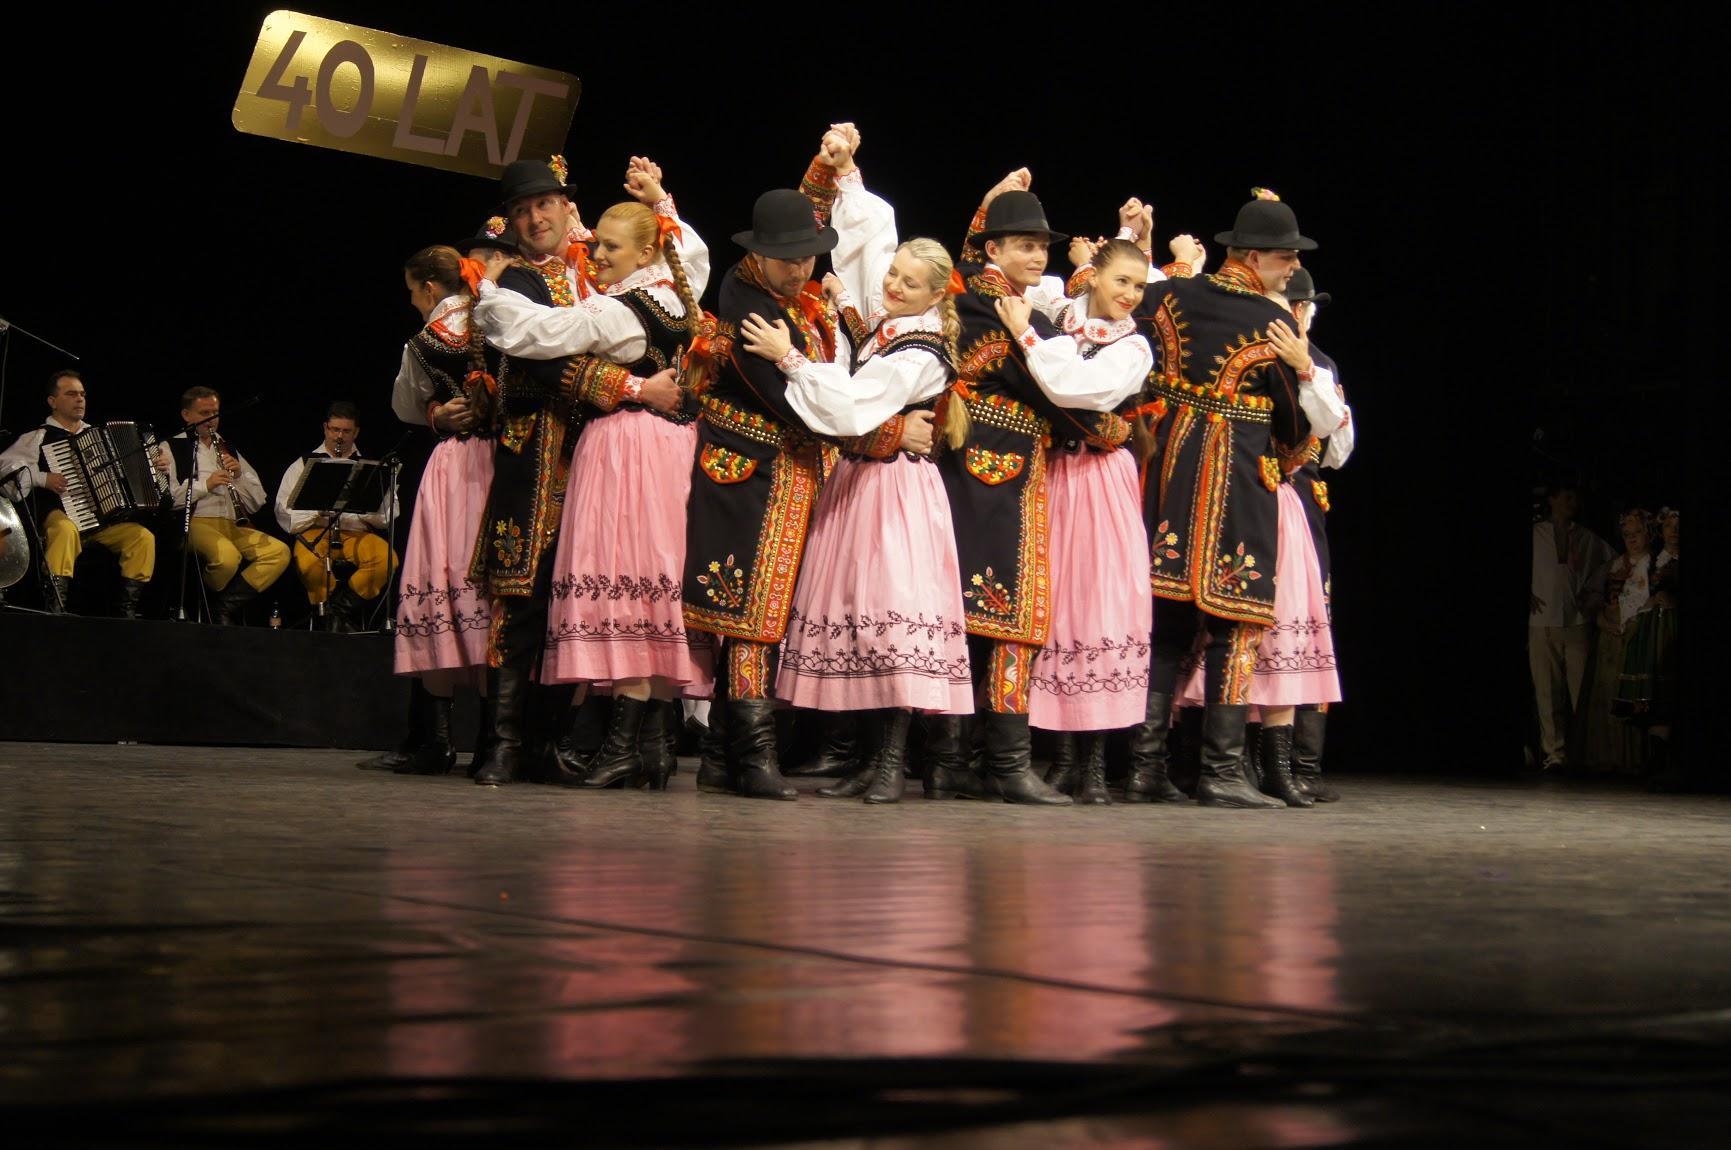 Dabrowiacy - Polen